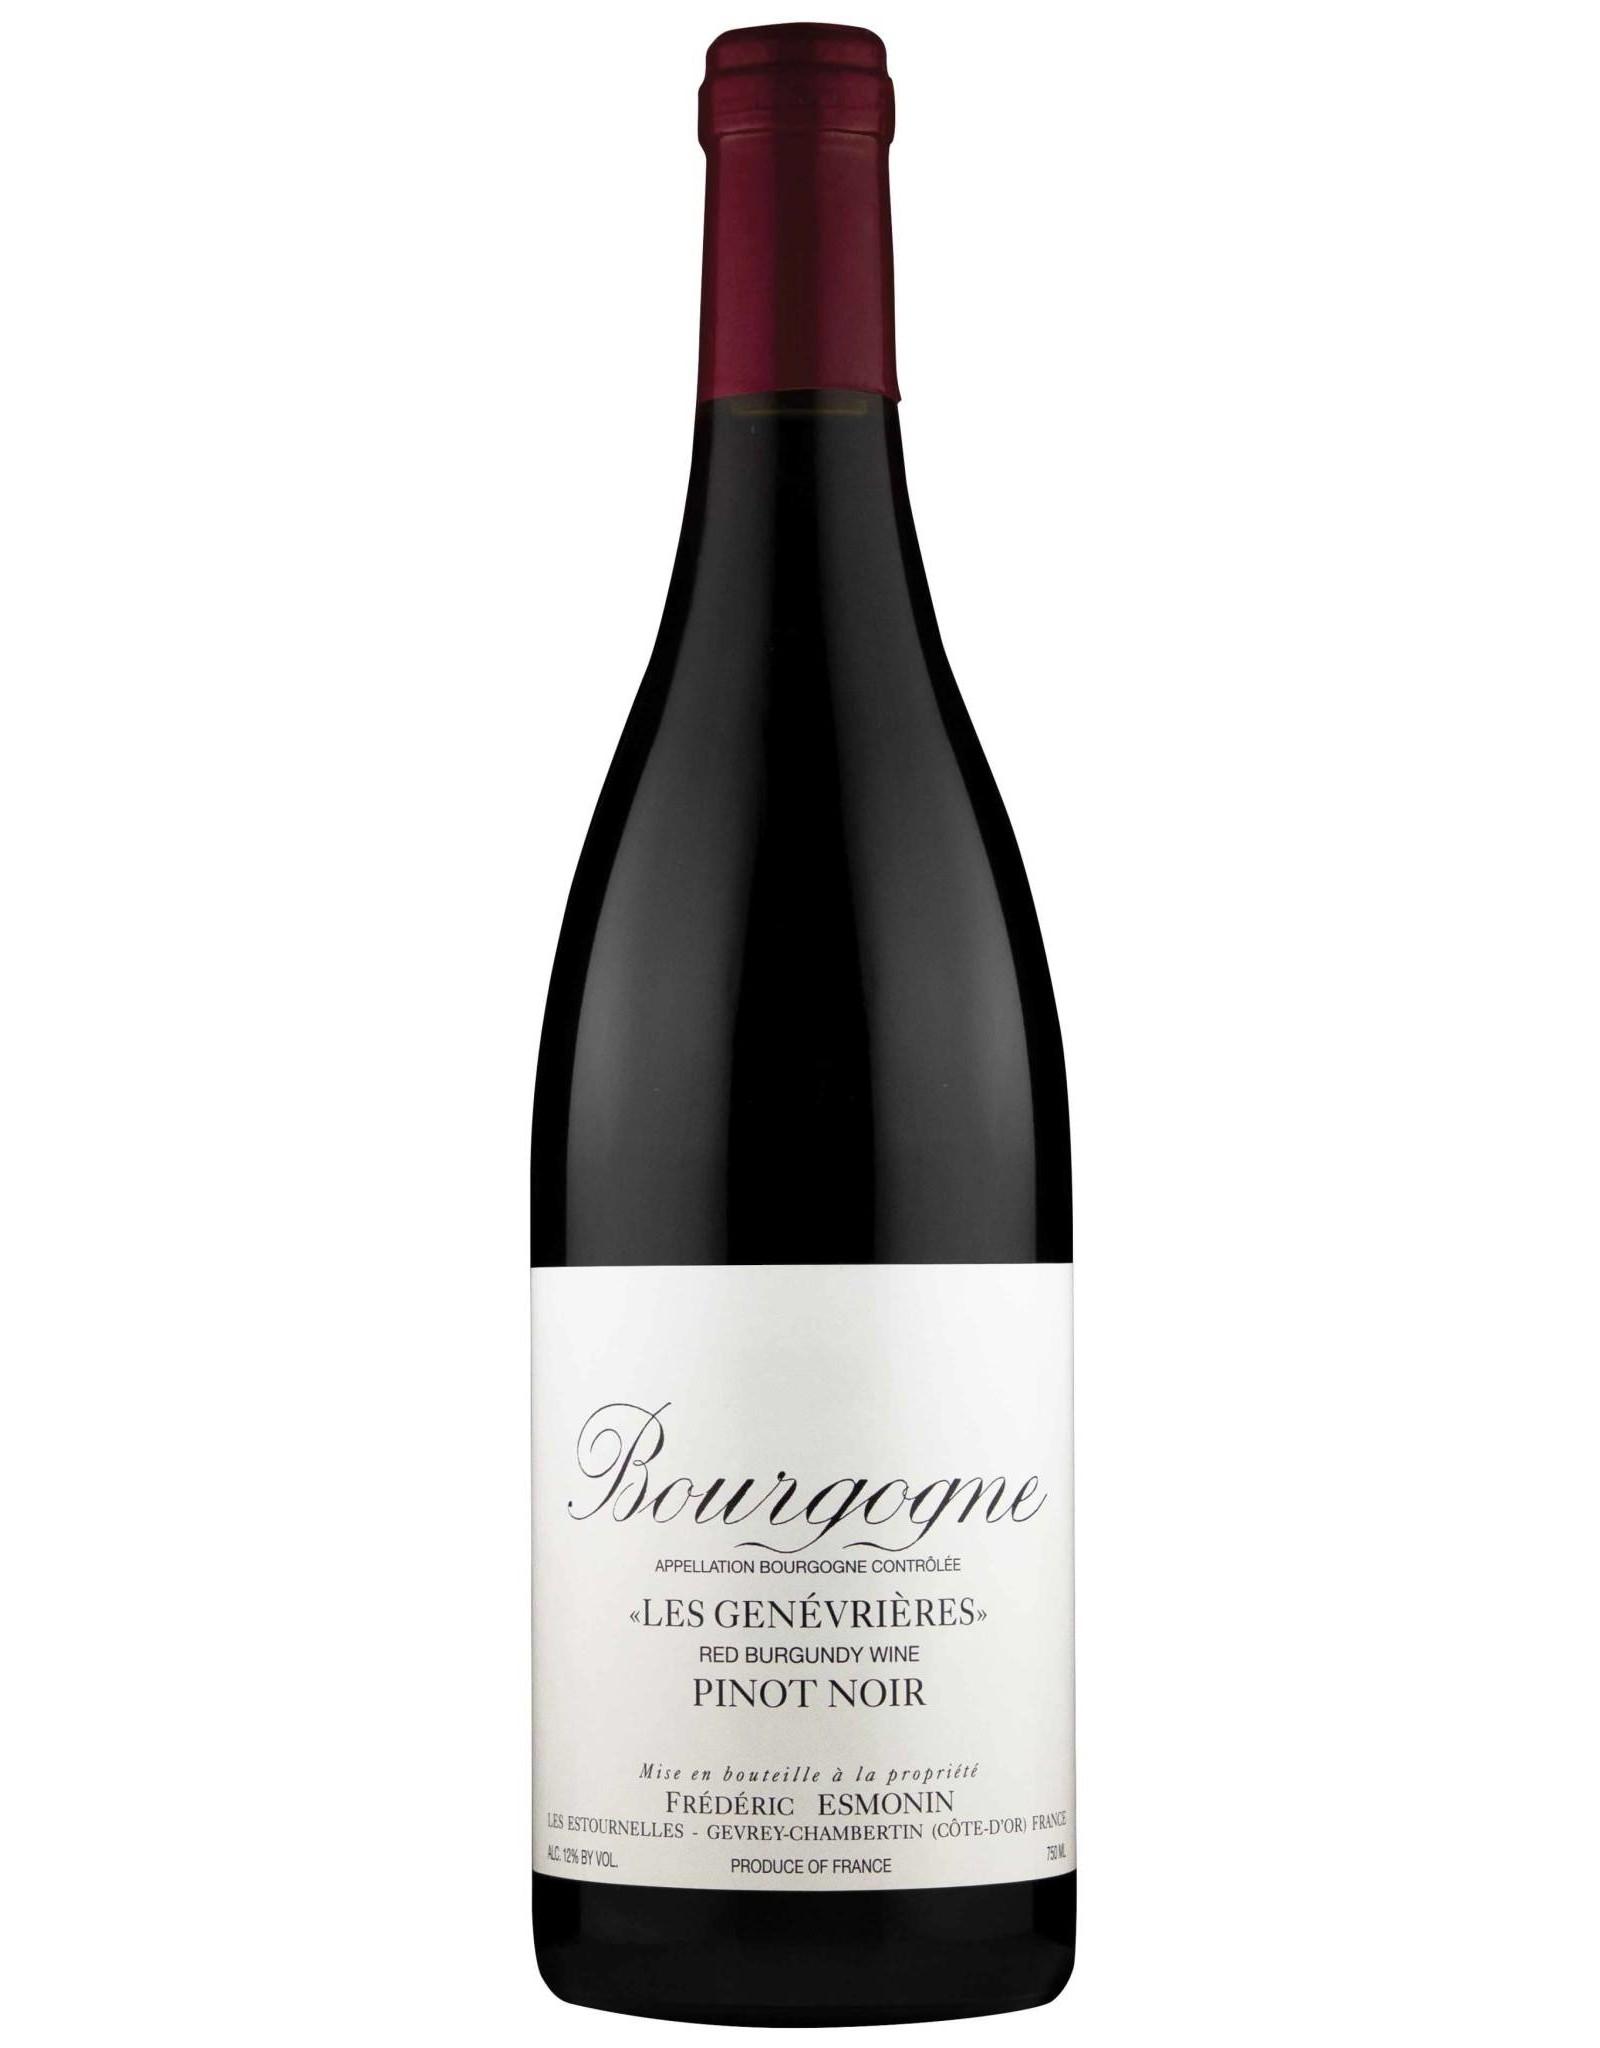 Frederic Esmonin Frederic Esmonin Les Genevrieres Bourgogne Pinot Noir 2019